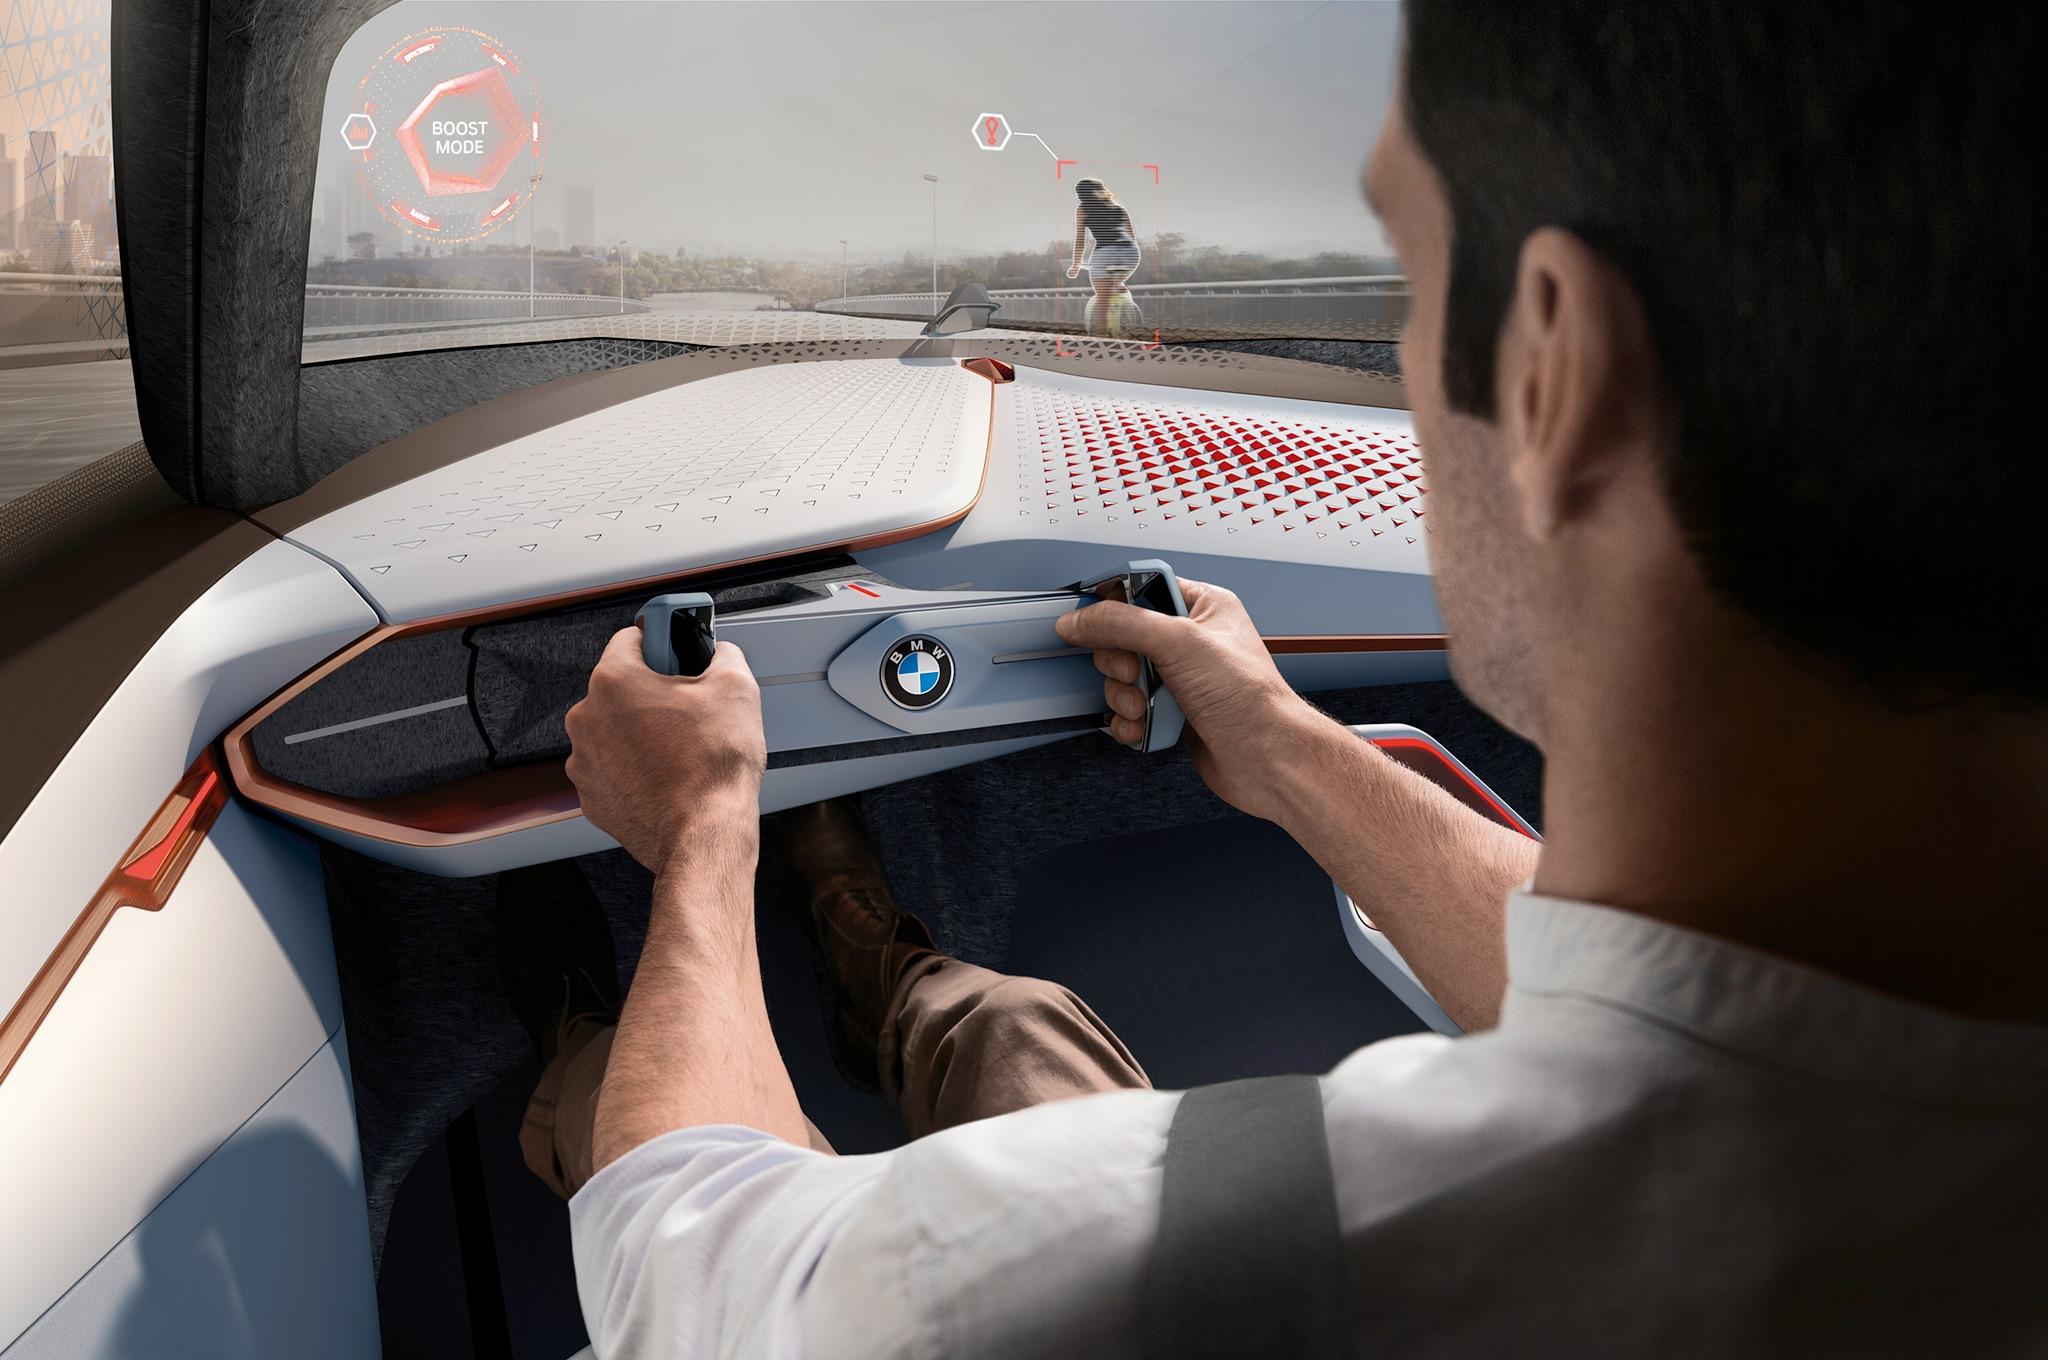 BMW Vision Next 100 interior HUD